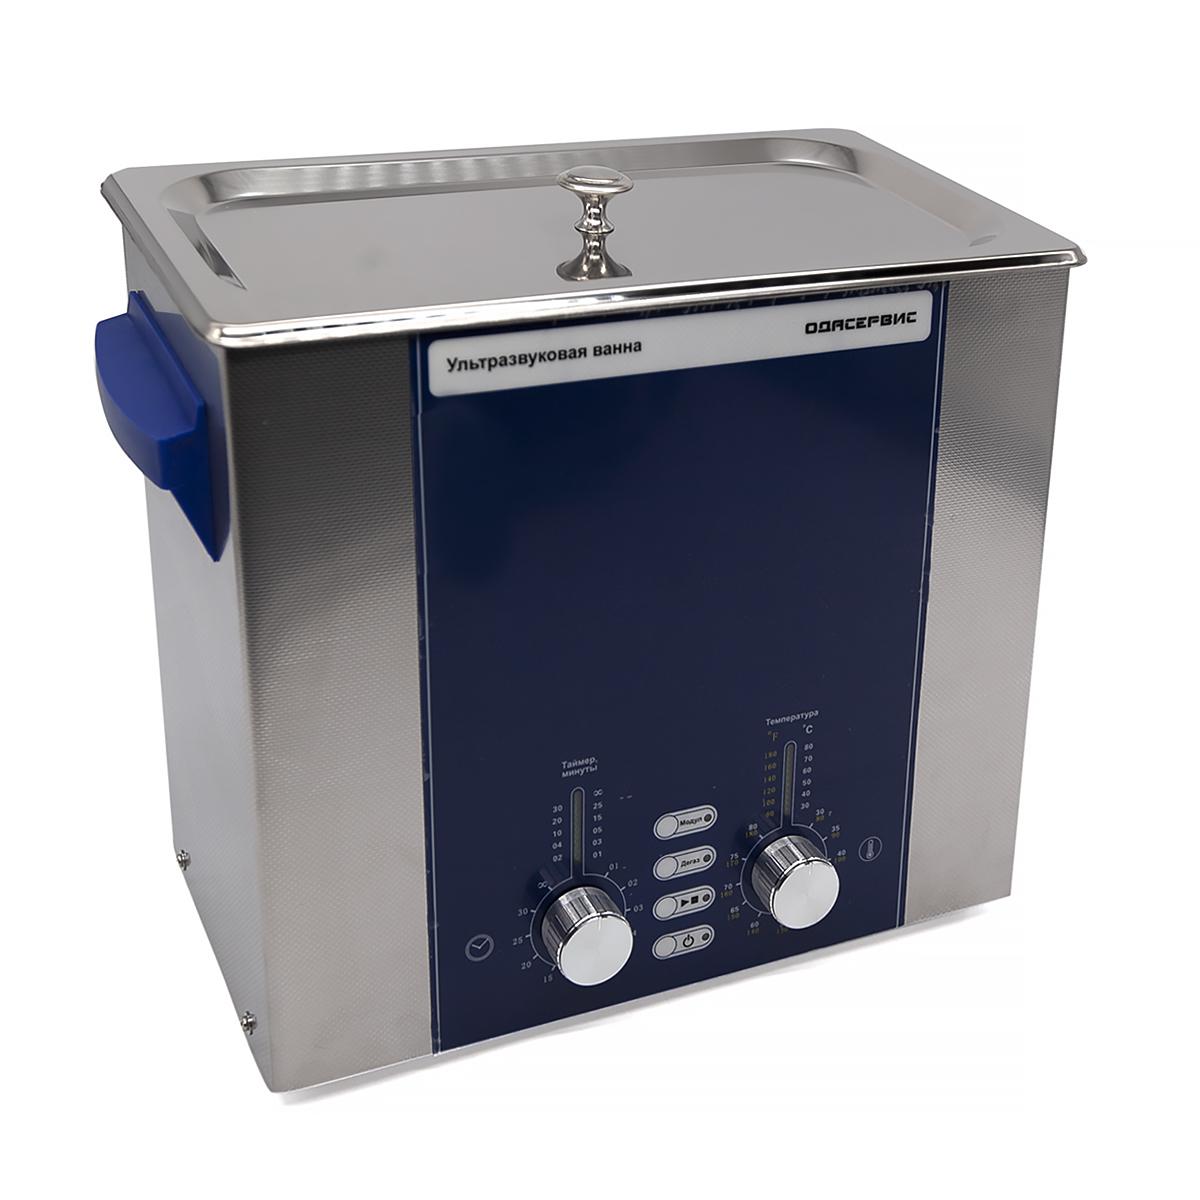 Ультразвуковая ванна с аналоговым управлением, подогревом, дегазацией и модуляцией 6 л ОДА...